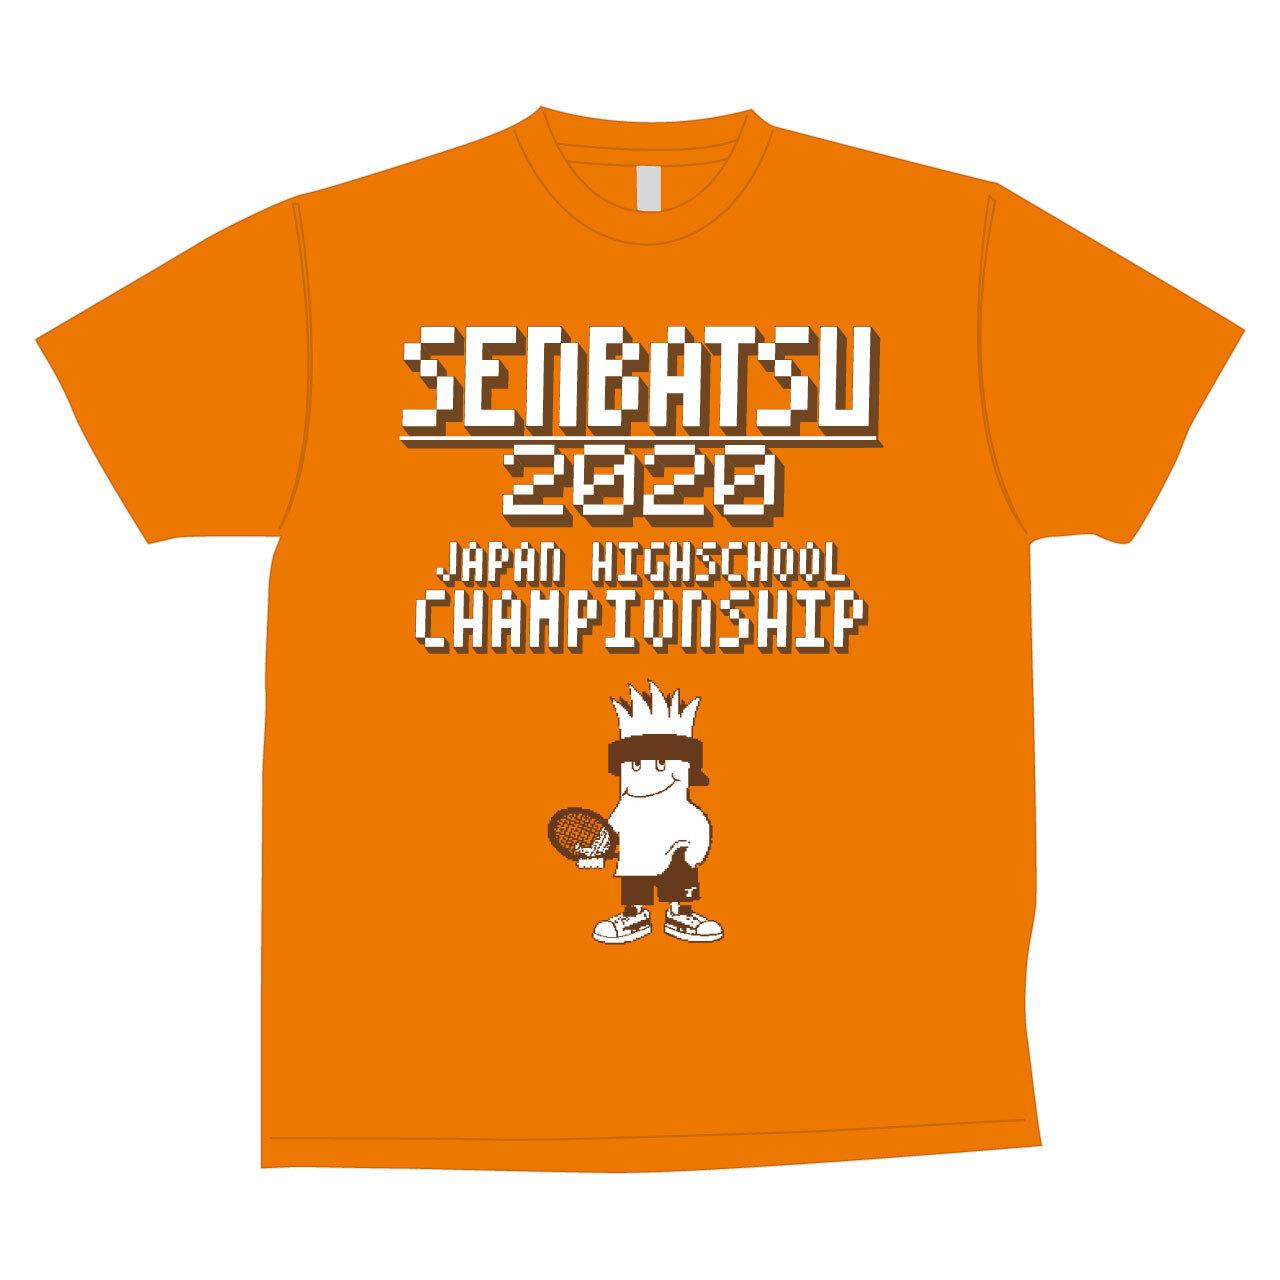 全国高校選抜テニス大会TOALSONオリジナルTシャツ(蛍光オレンジ) 【1ET2001】